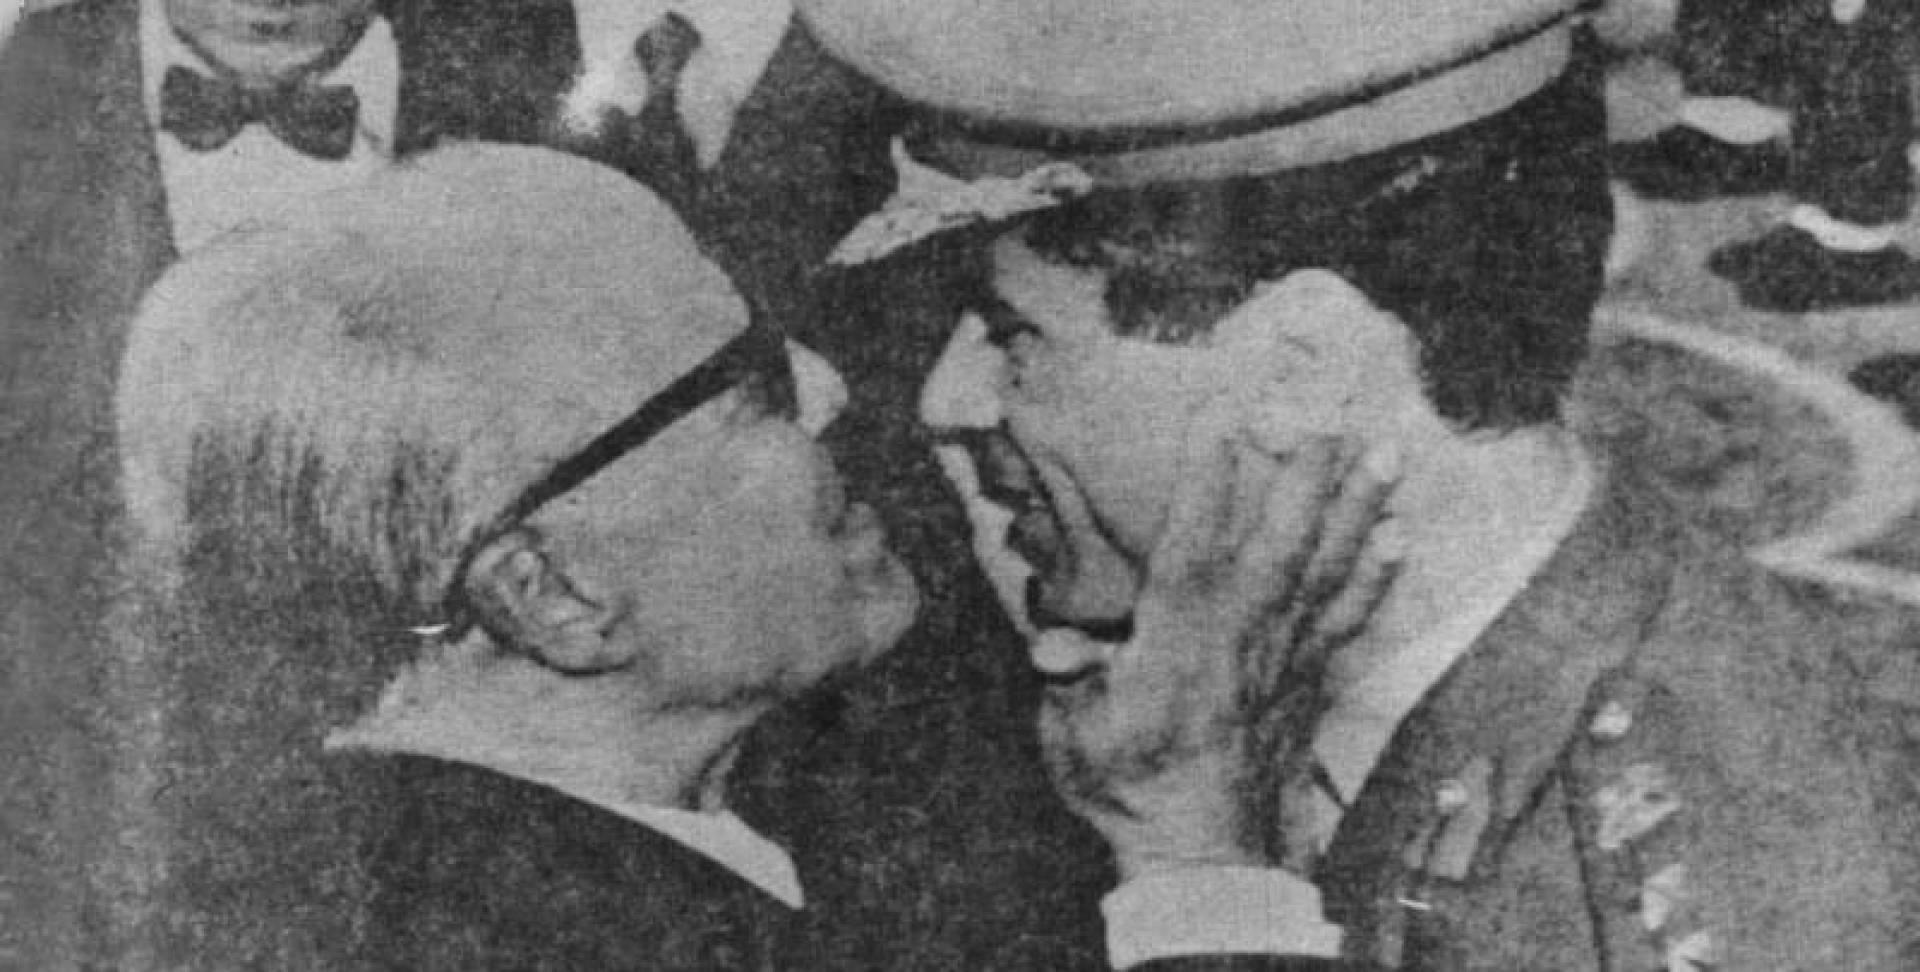 بورقيبة والقذافي يتعانقان رغم اختلاف النظريات